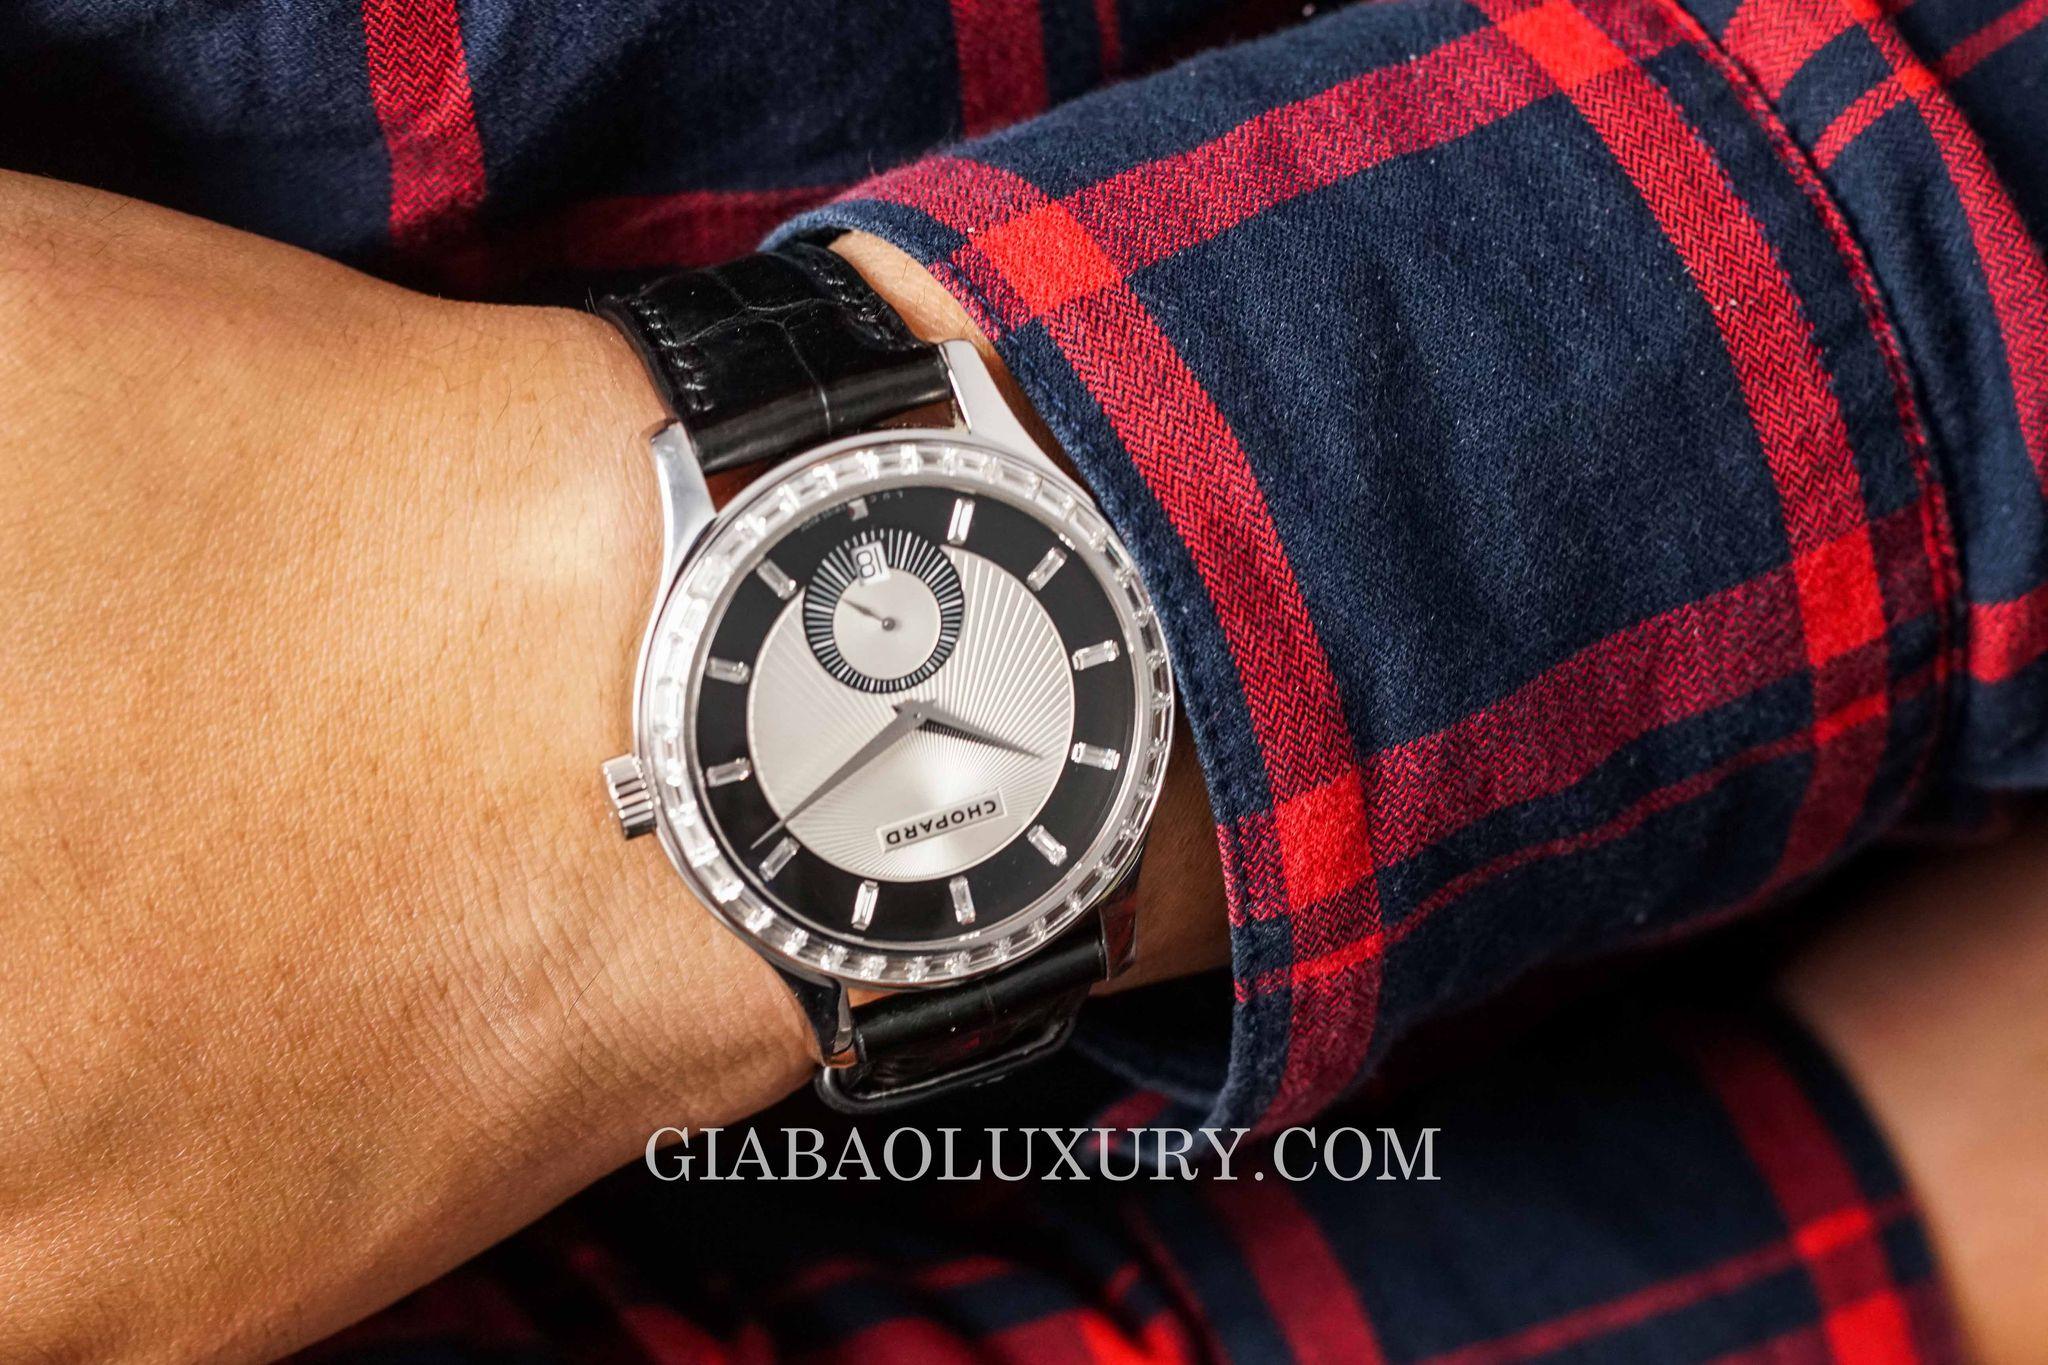 Chuyên nghiệp, minh bạch, thủ tục nhanh gọn, giải ngân trong tích tắc. Dịch vụ thu mua đồng hồ Chopard L.U.C chính hãng của Gia Bảo Luxury nhận mua đồng hồ đã qua sử dụng/hàng mới với mức giá cực kỳ hấp dẫn.